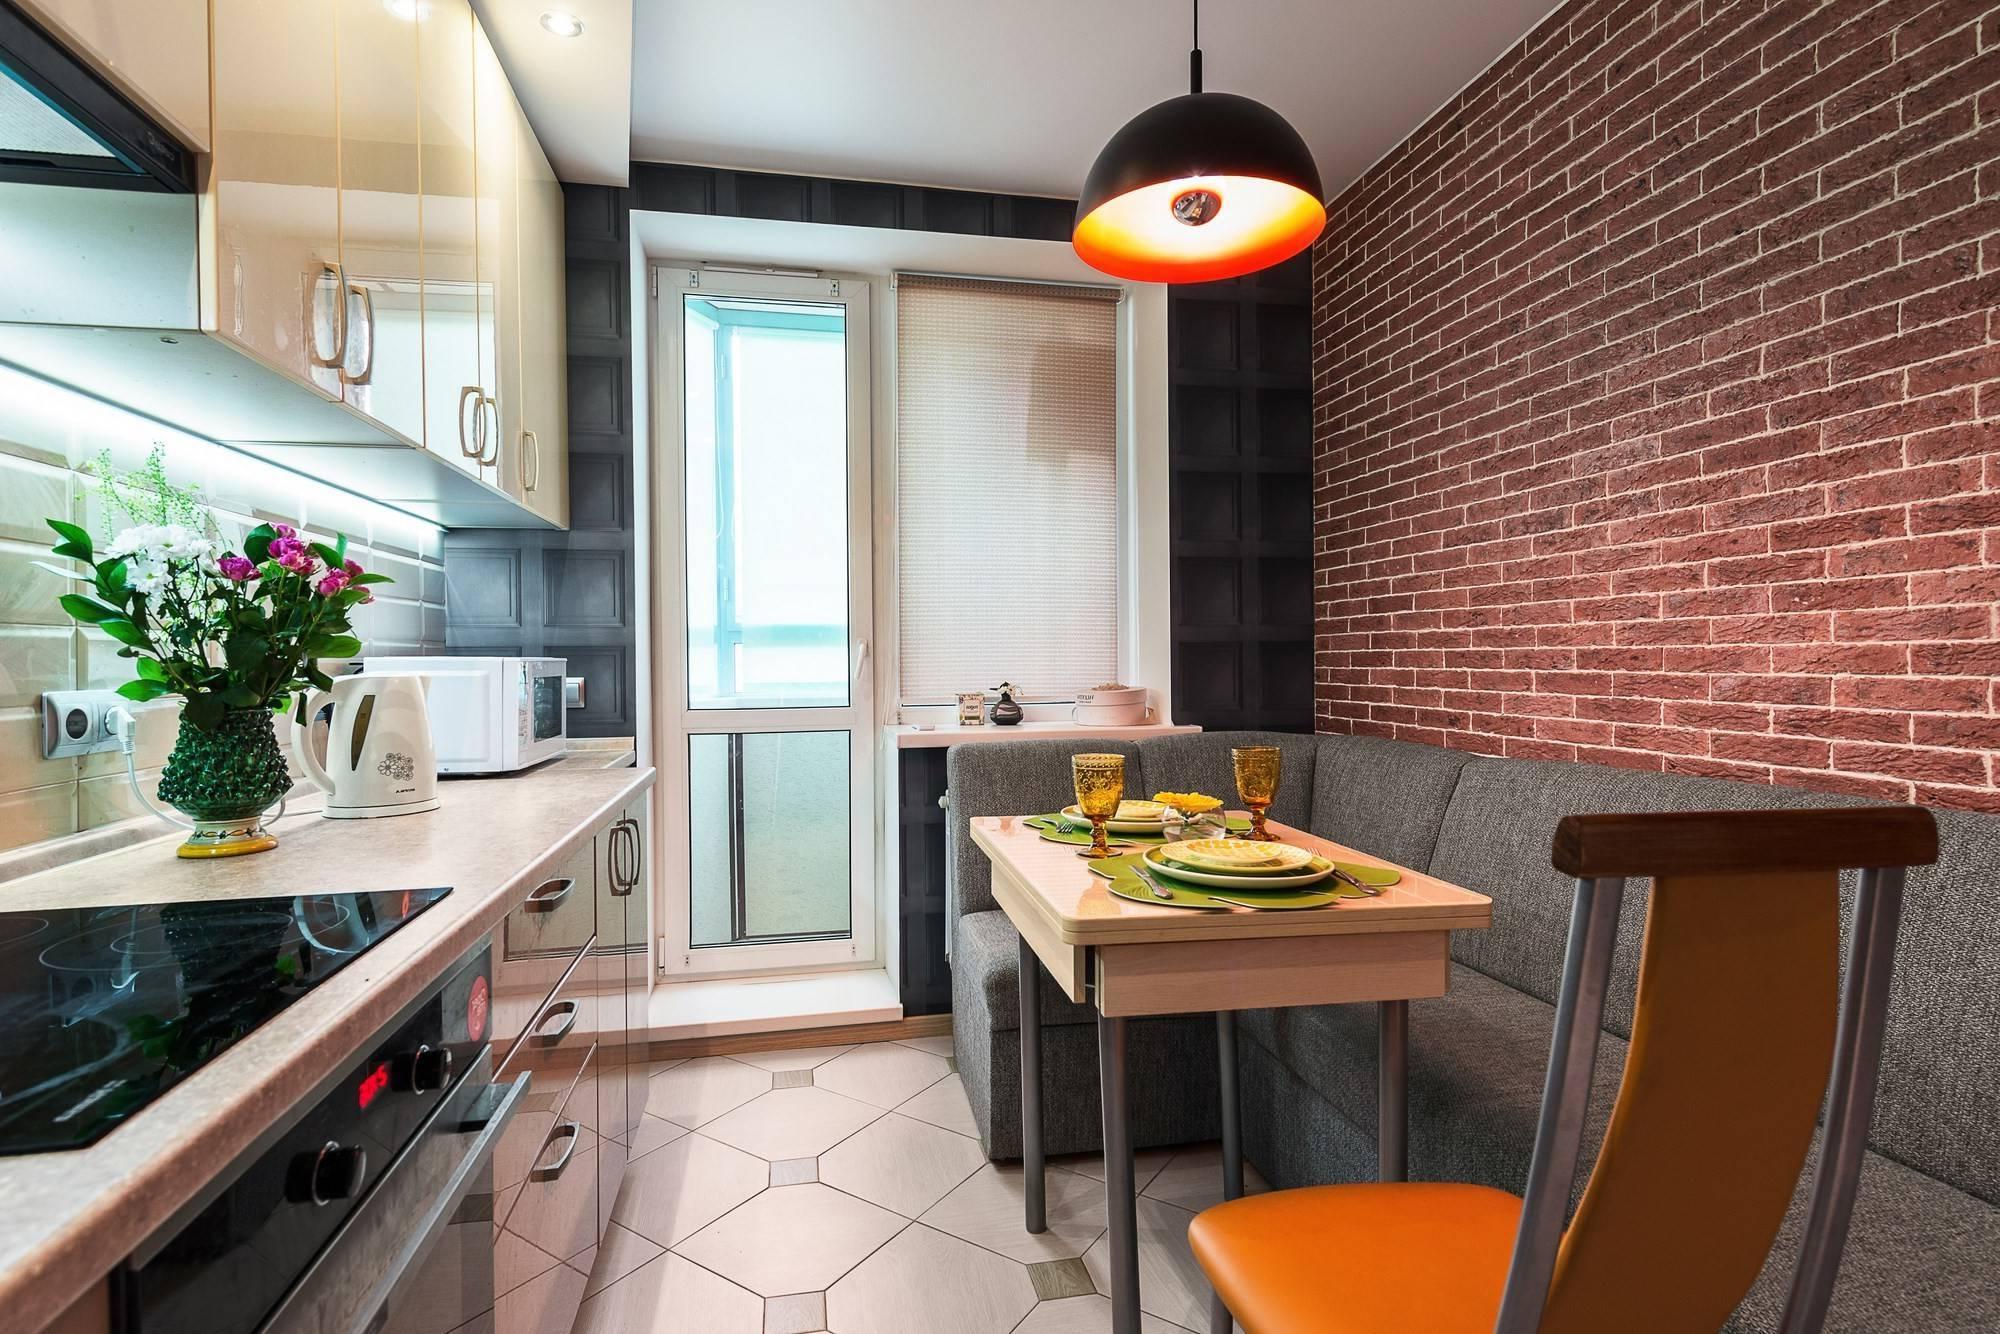 Fein Billige Küchenecke Sätze Zeitgenössisch - Ideen Für Die Küche ...